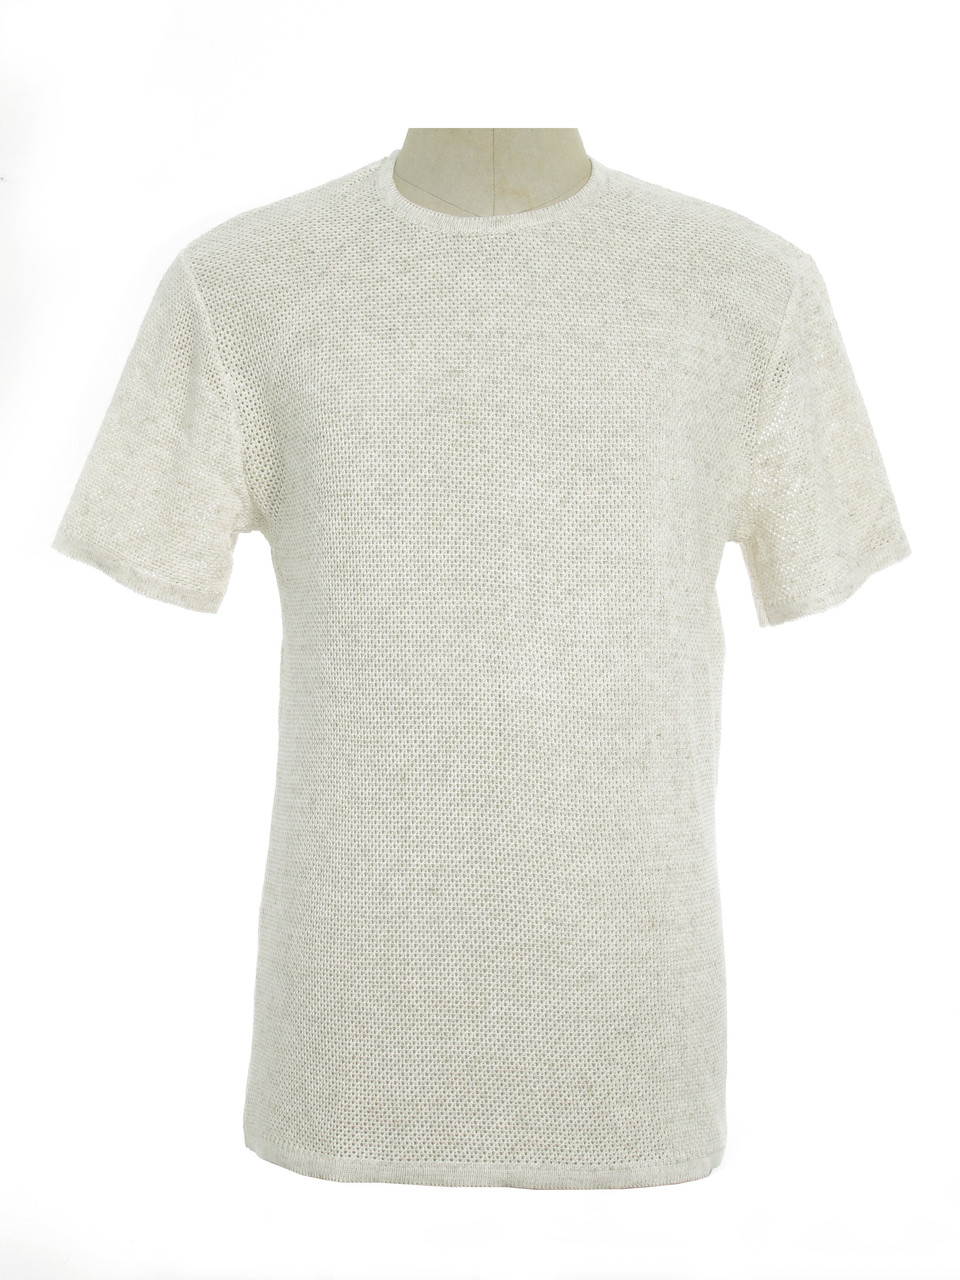 Мужская вязаная футболка 20312